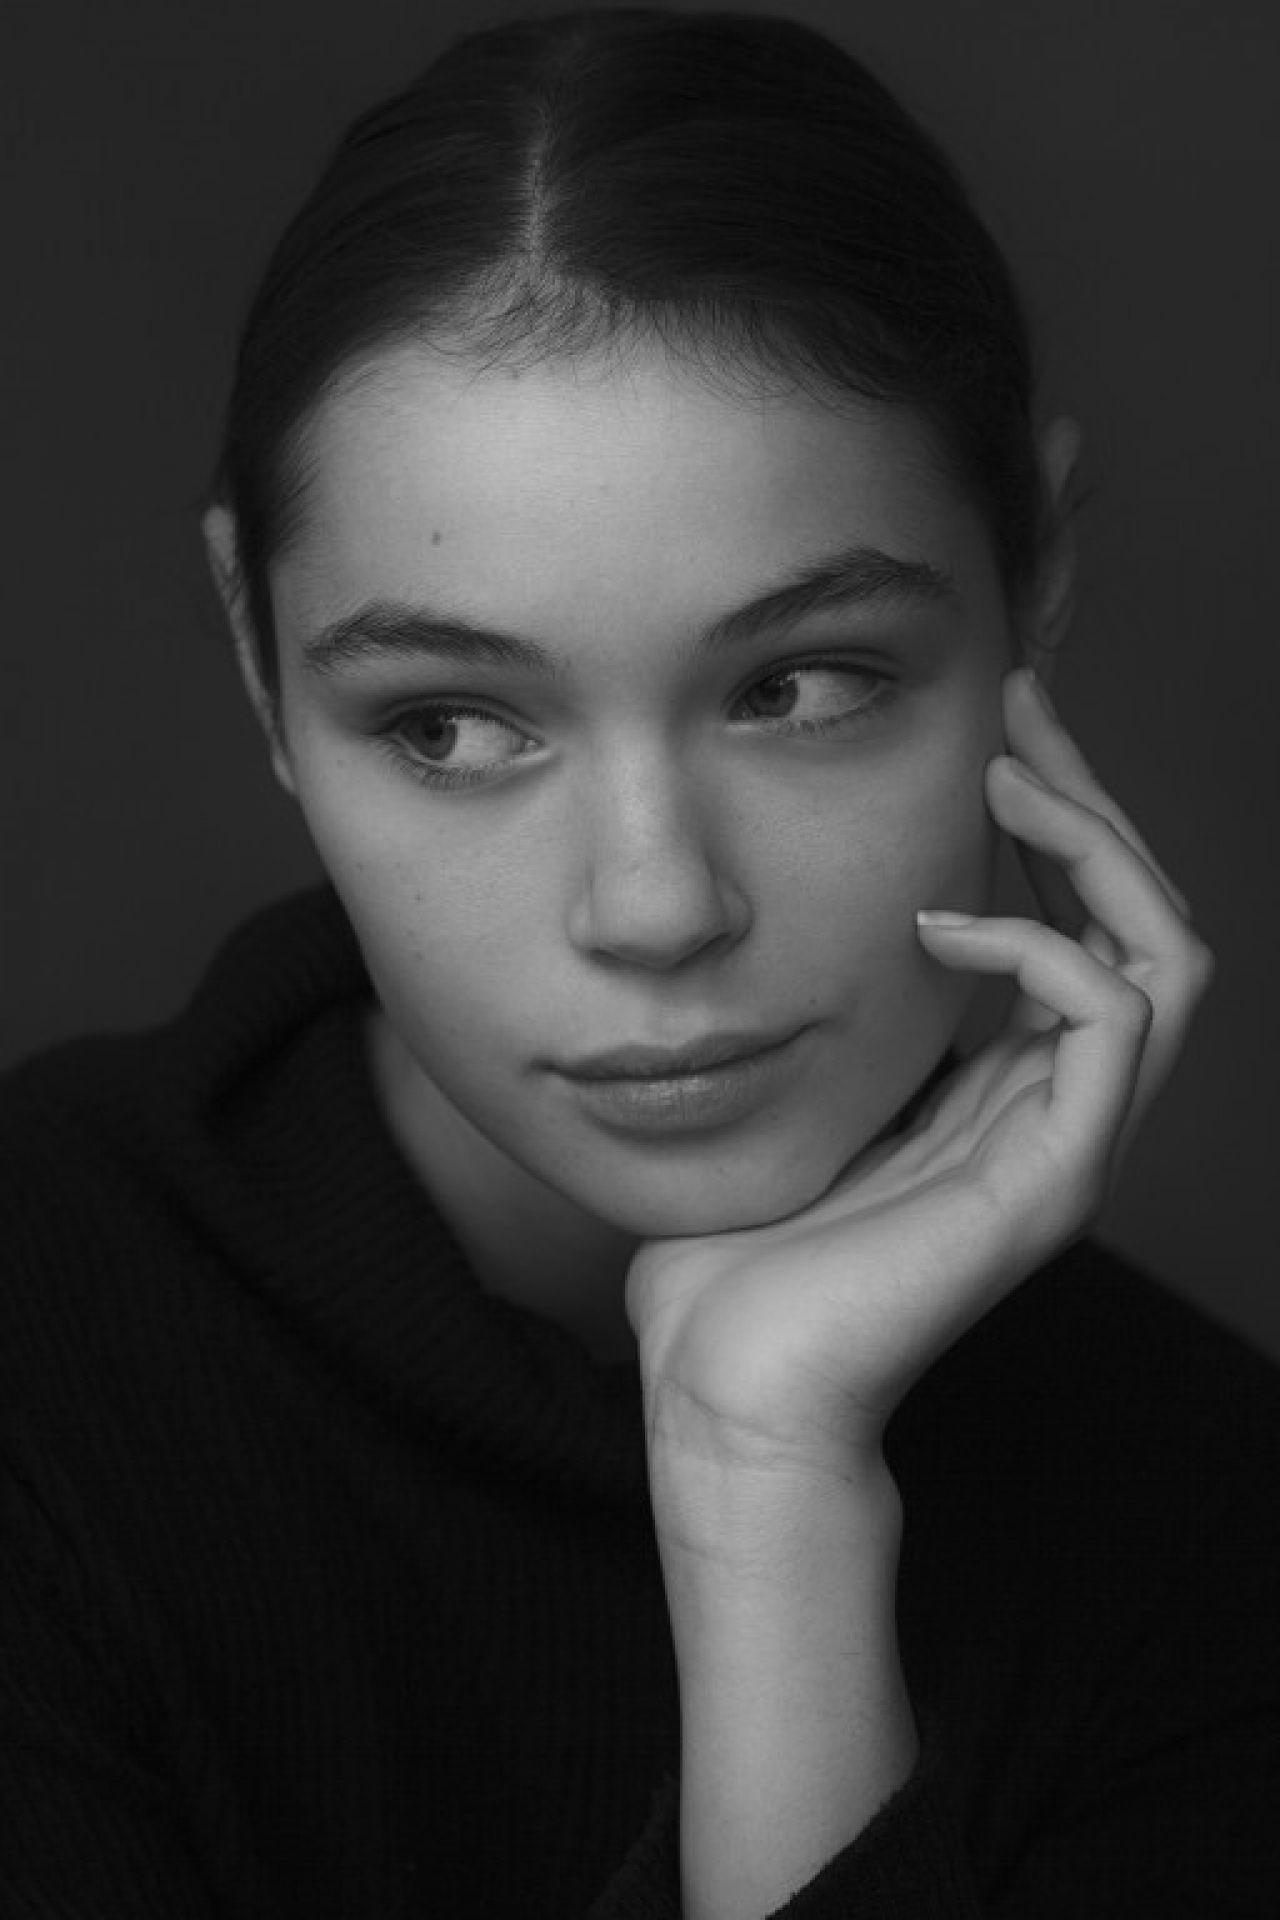 Bianca Panconi